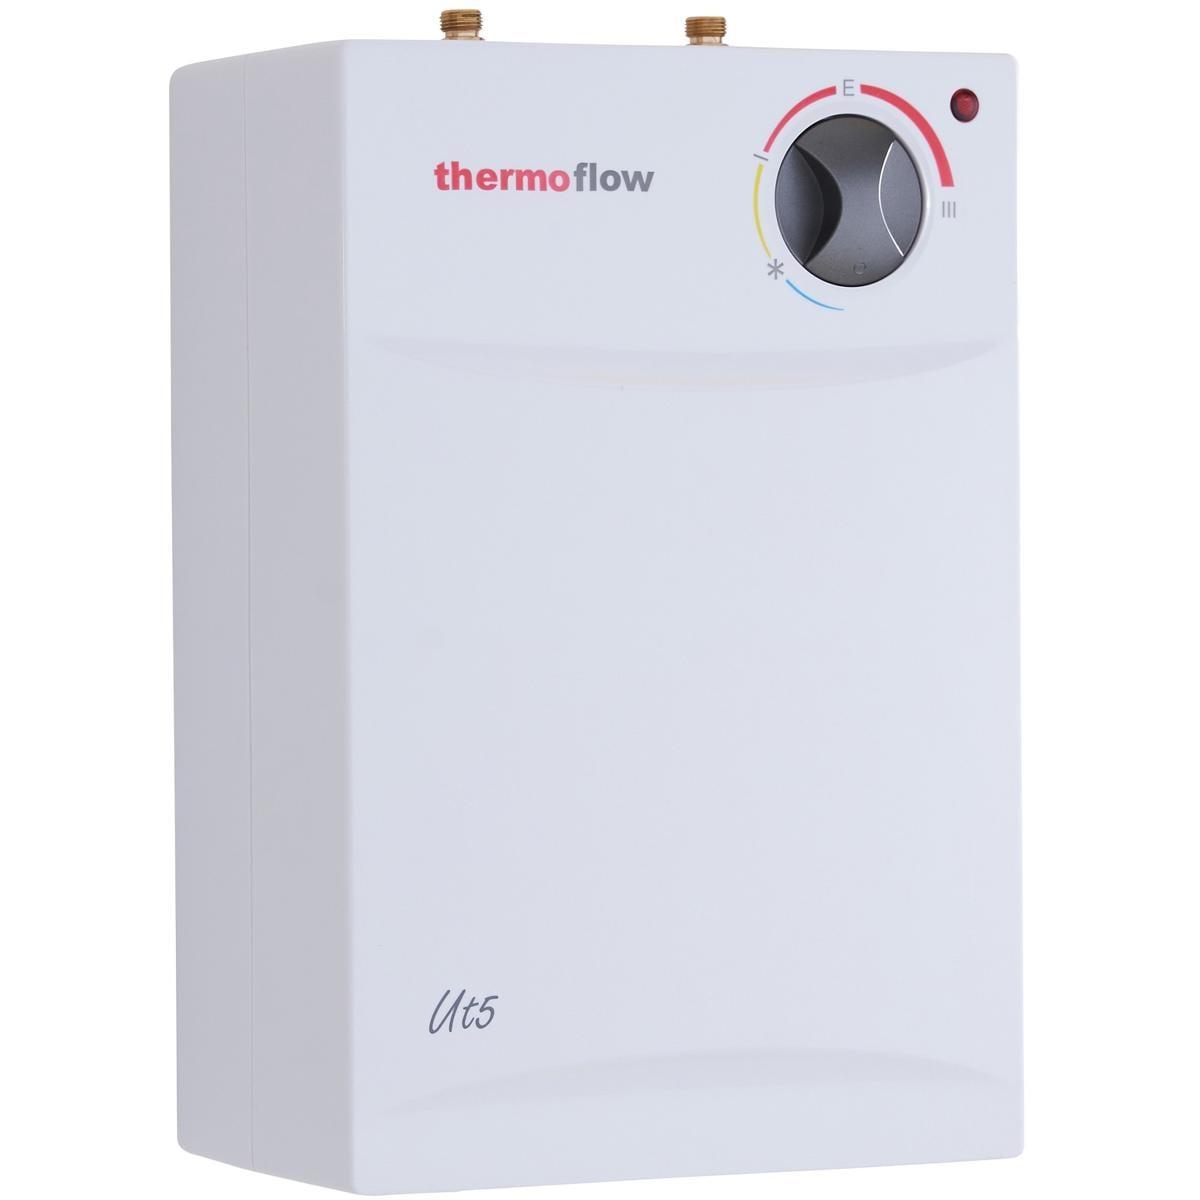 respekta thermoflow ut 5 set untertischspeicher inkl armatur qmix 12 von respekta haustechnik. Black Bedroom Furniture Sets. Home Design Ideas